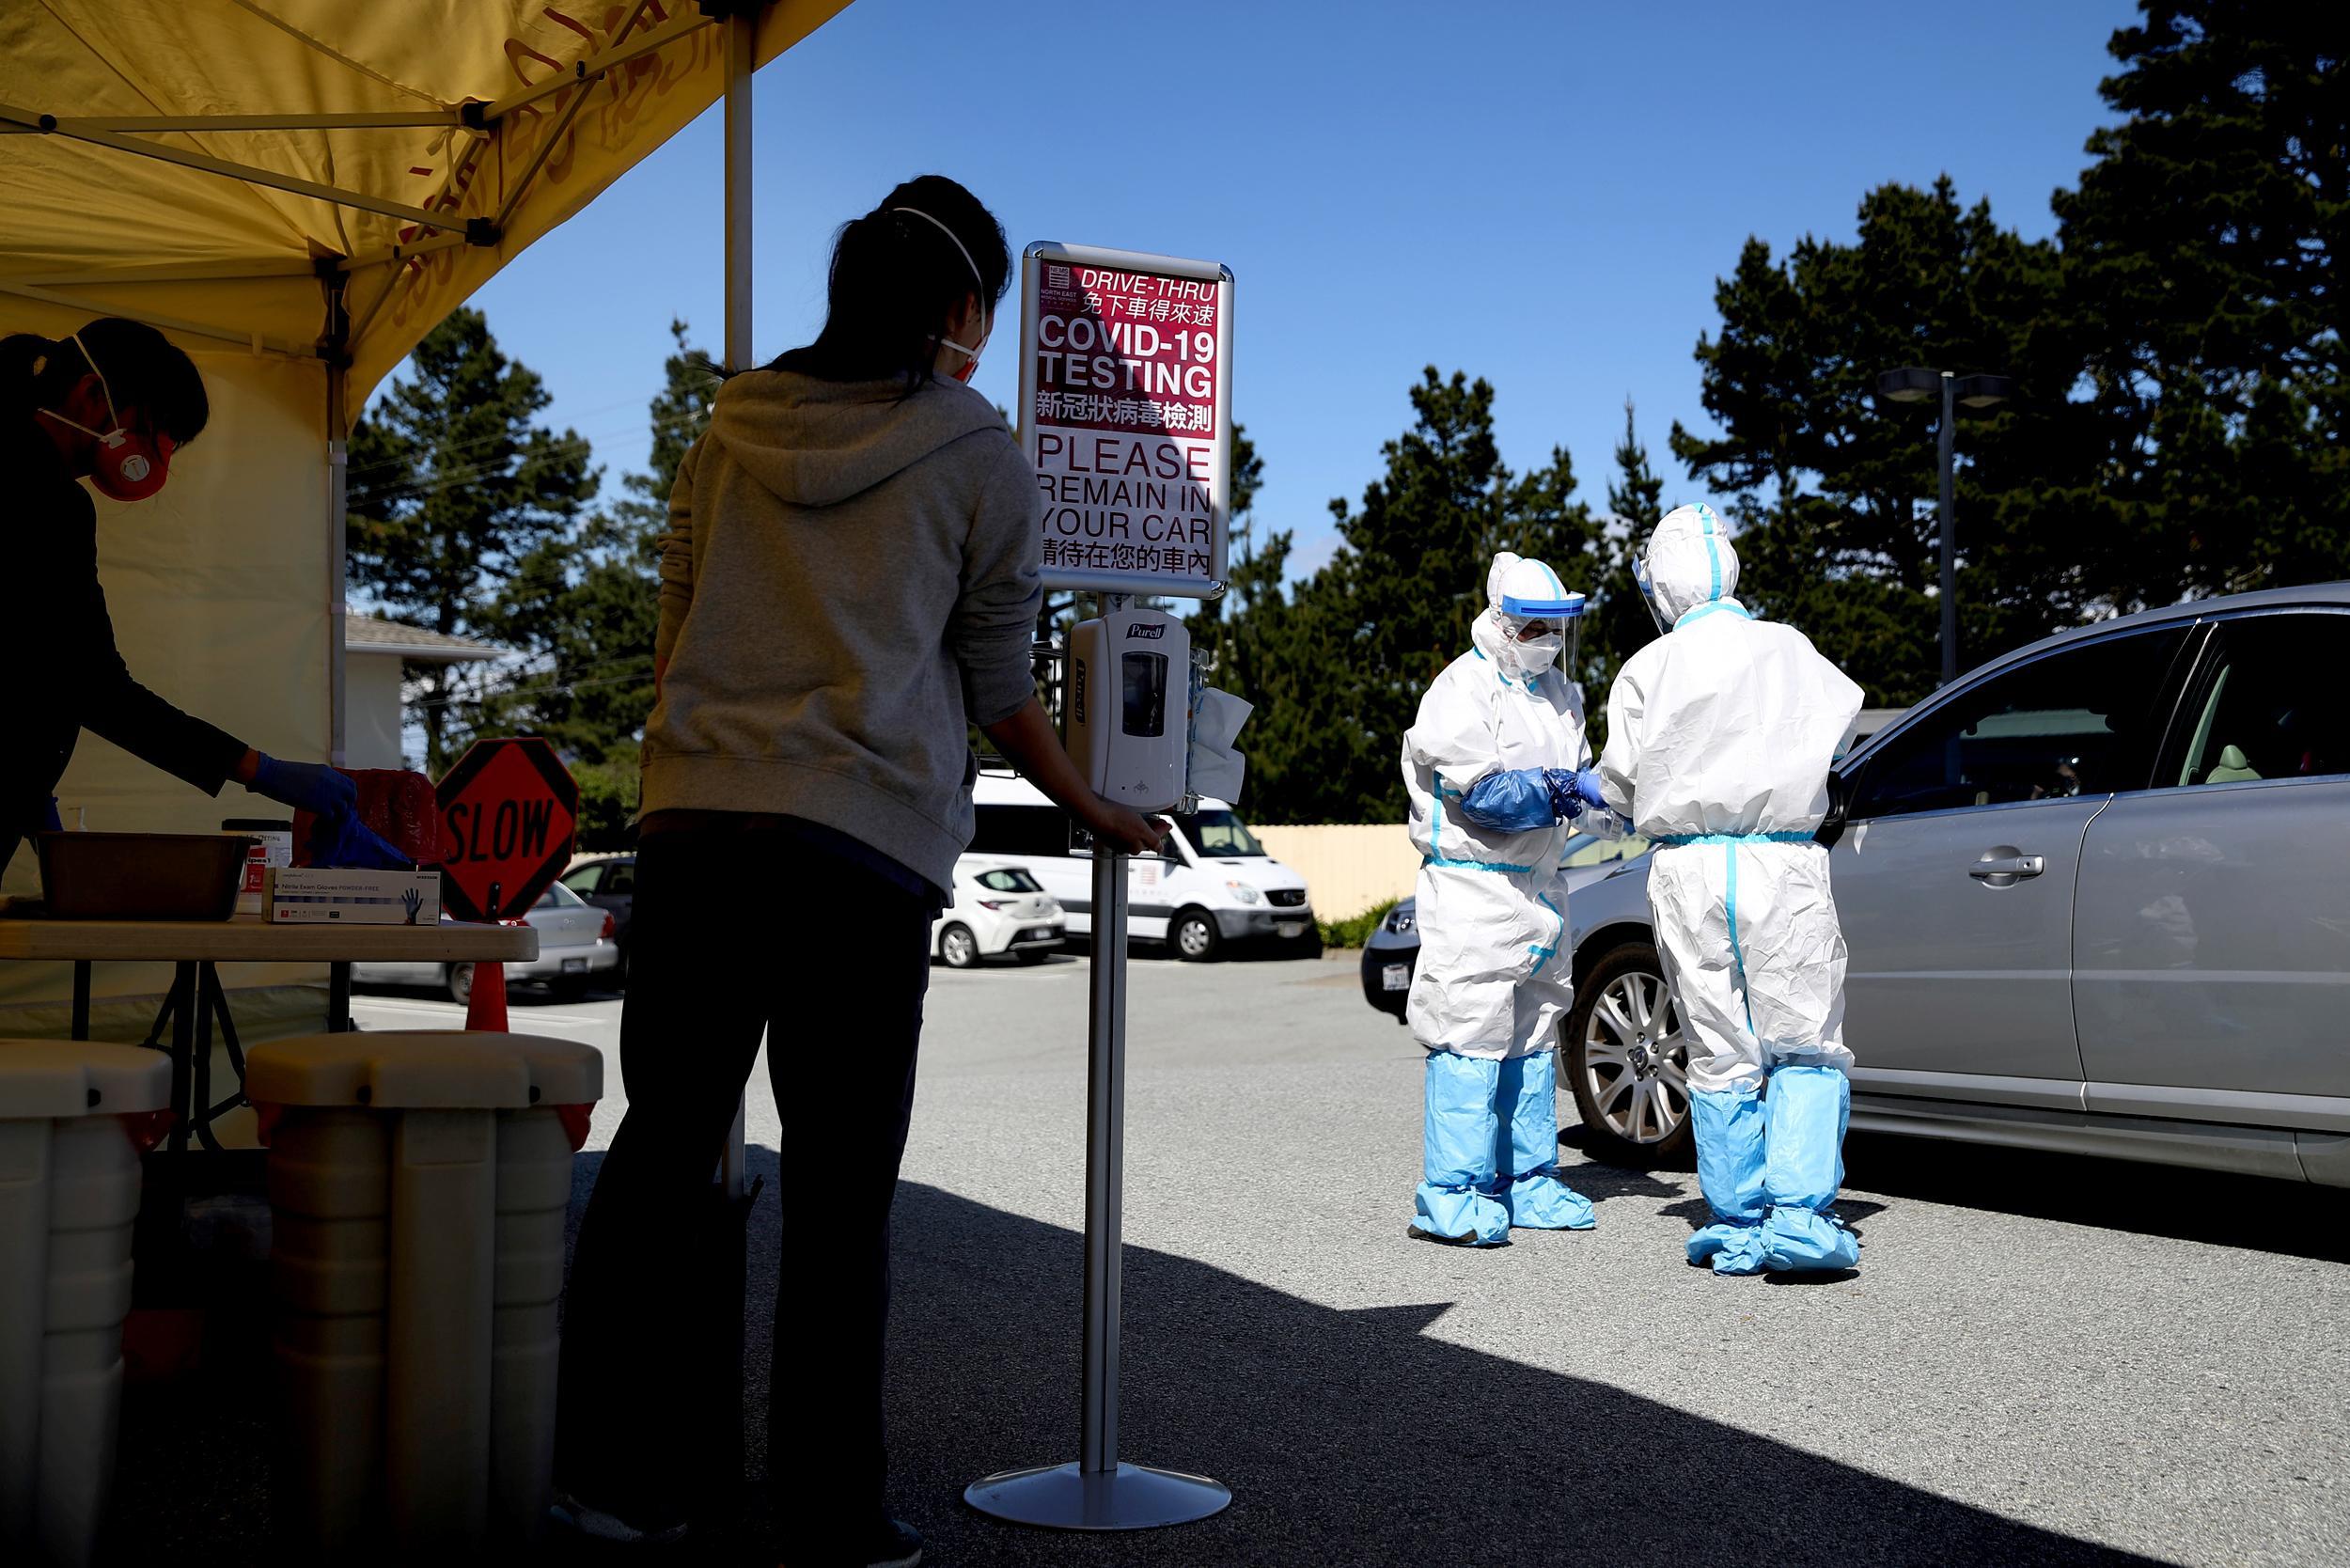 Các nhà nghiên cứu cho biết tỷ lệ tử vong vì COVID-19 của người Mỹ gốc Á ở San Francisco là rất đáng lo ngại